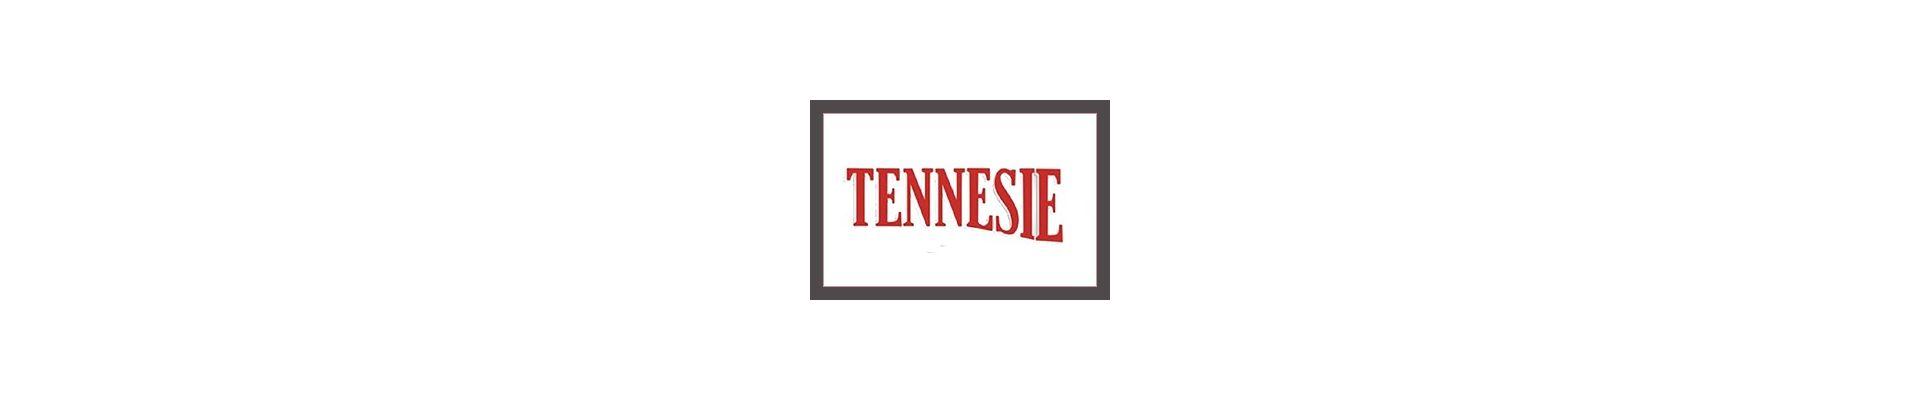 Foite de rulat Tennesie cu livrare din stoc.Magazin foite de rulat